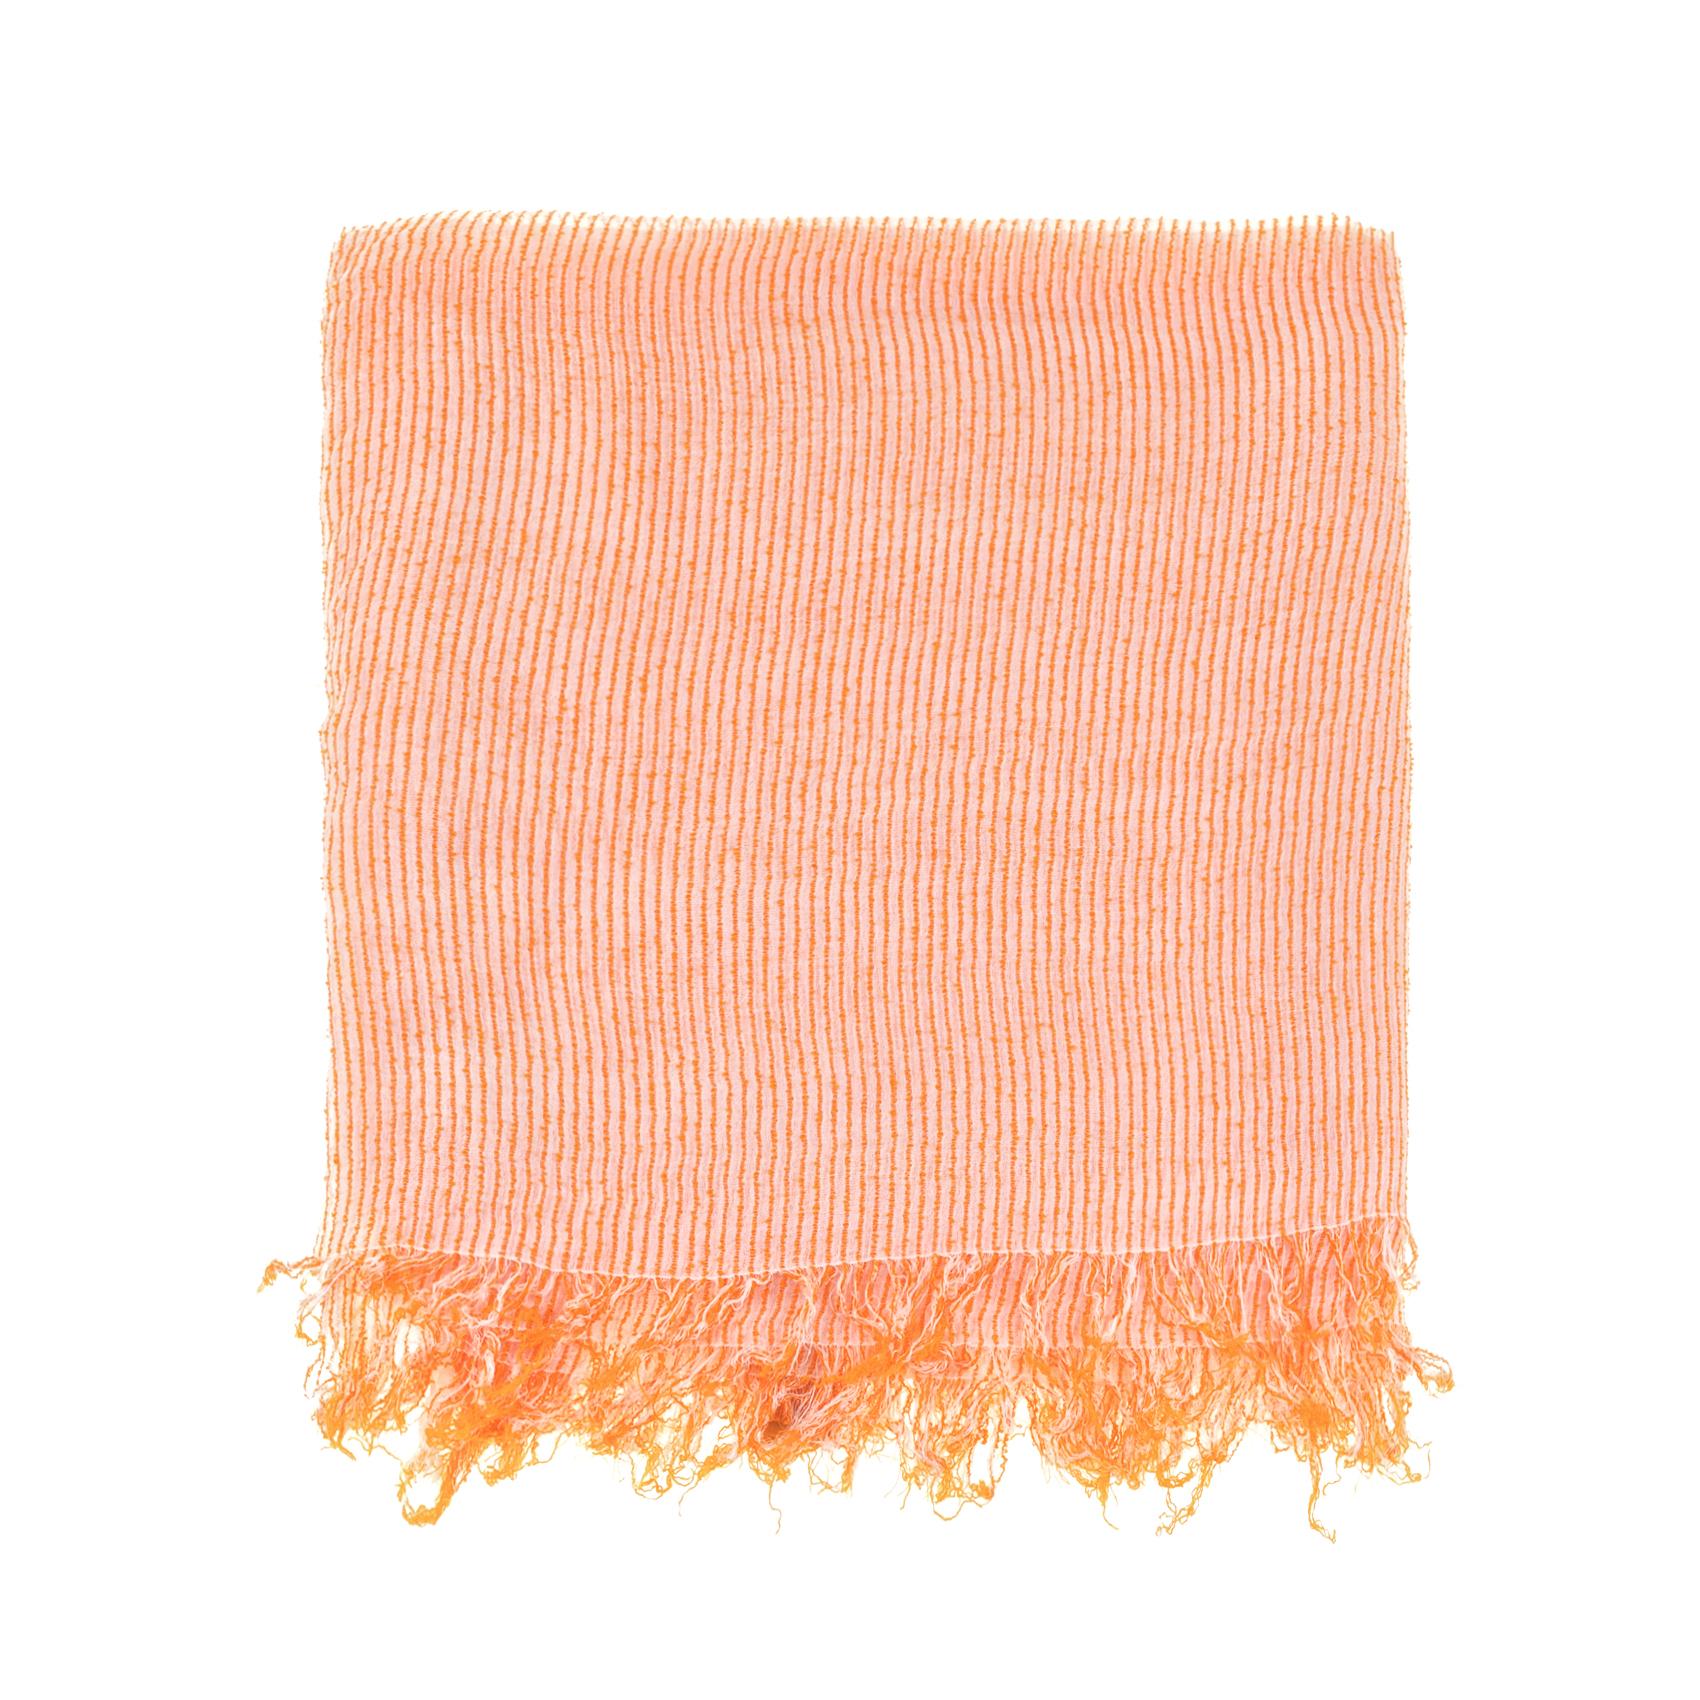 SCOTCH & SODA - Γυναικείο φουλάρι SCOTCH & SODA πορτοκαλί γυναικεία αξεσουάρ φουλάρια κασκόλ γάντια